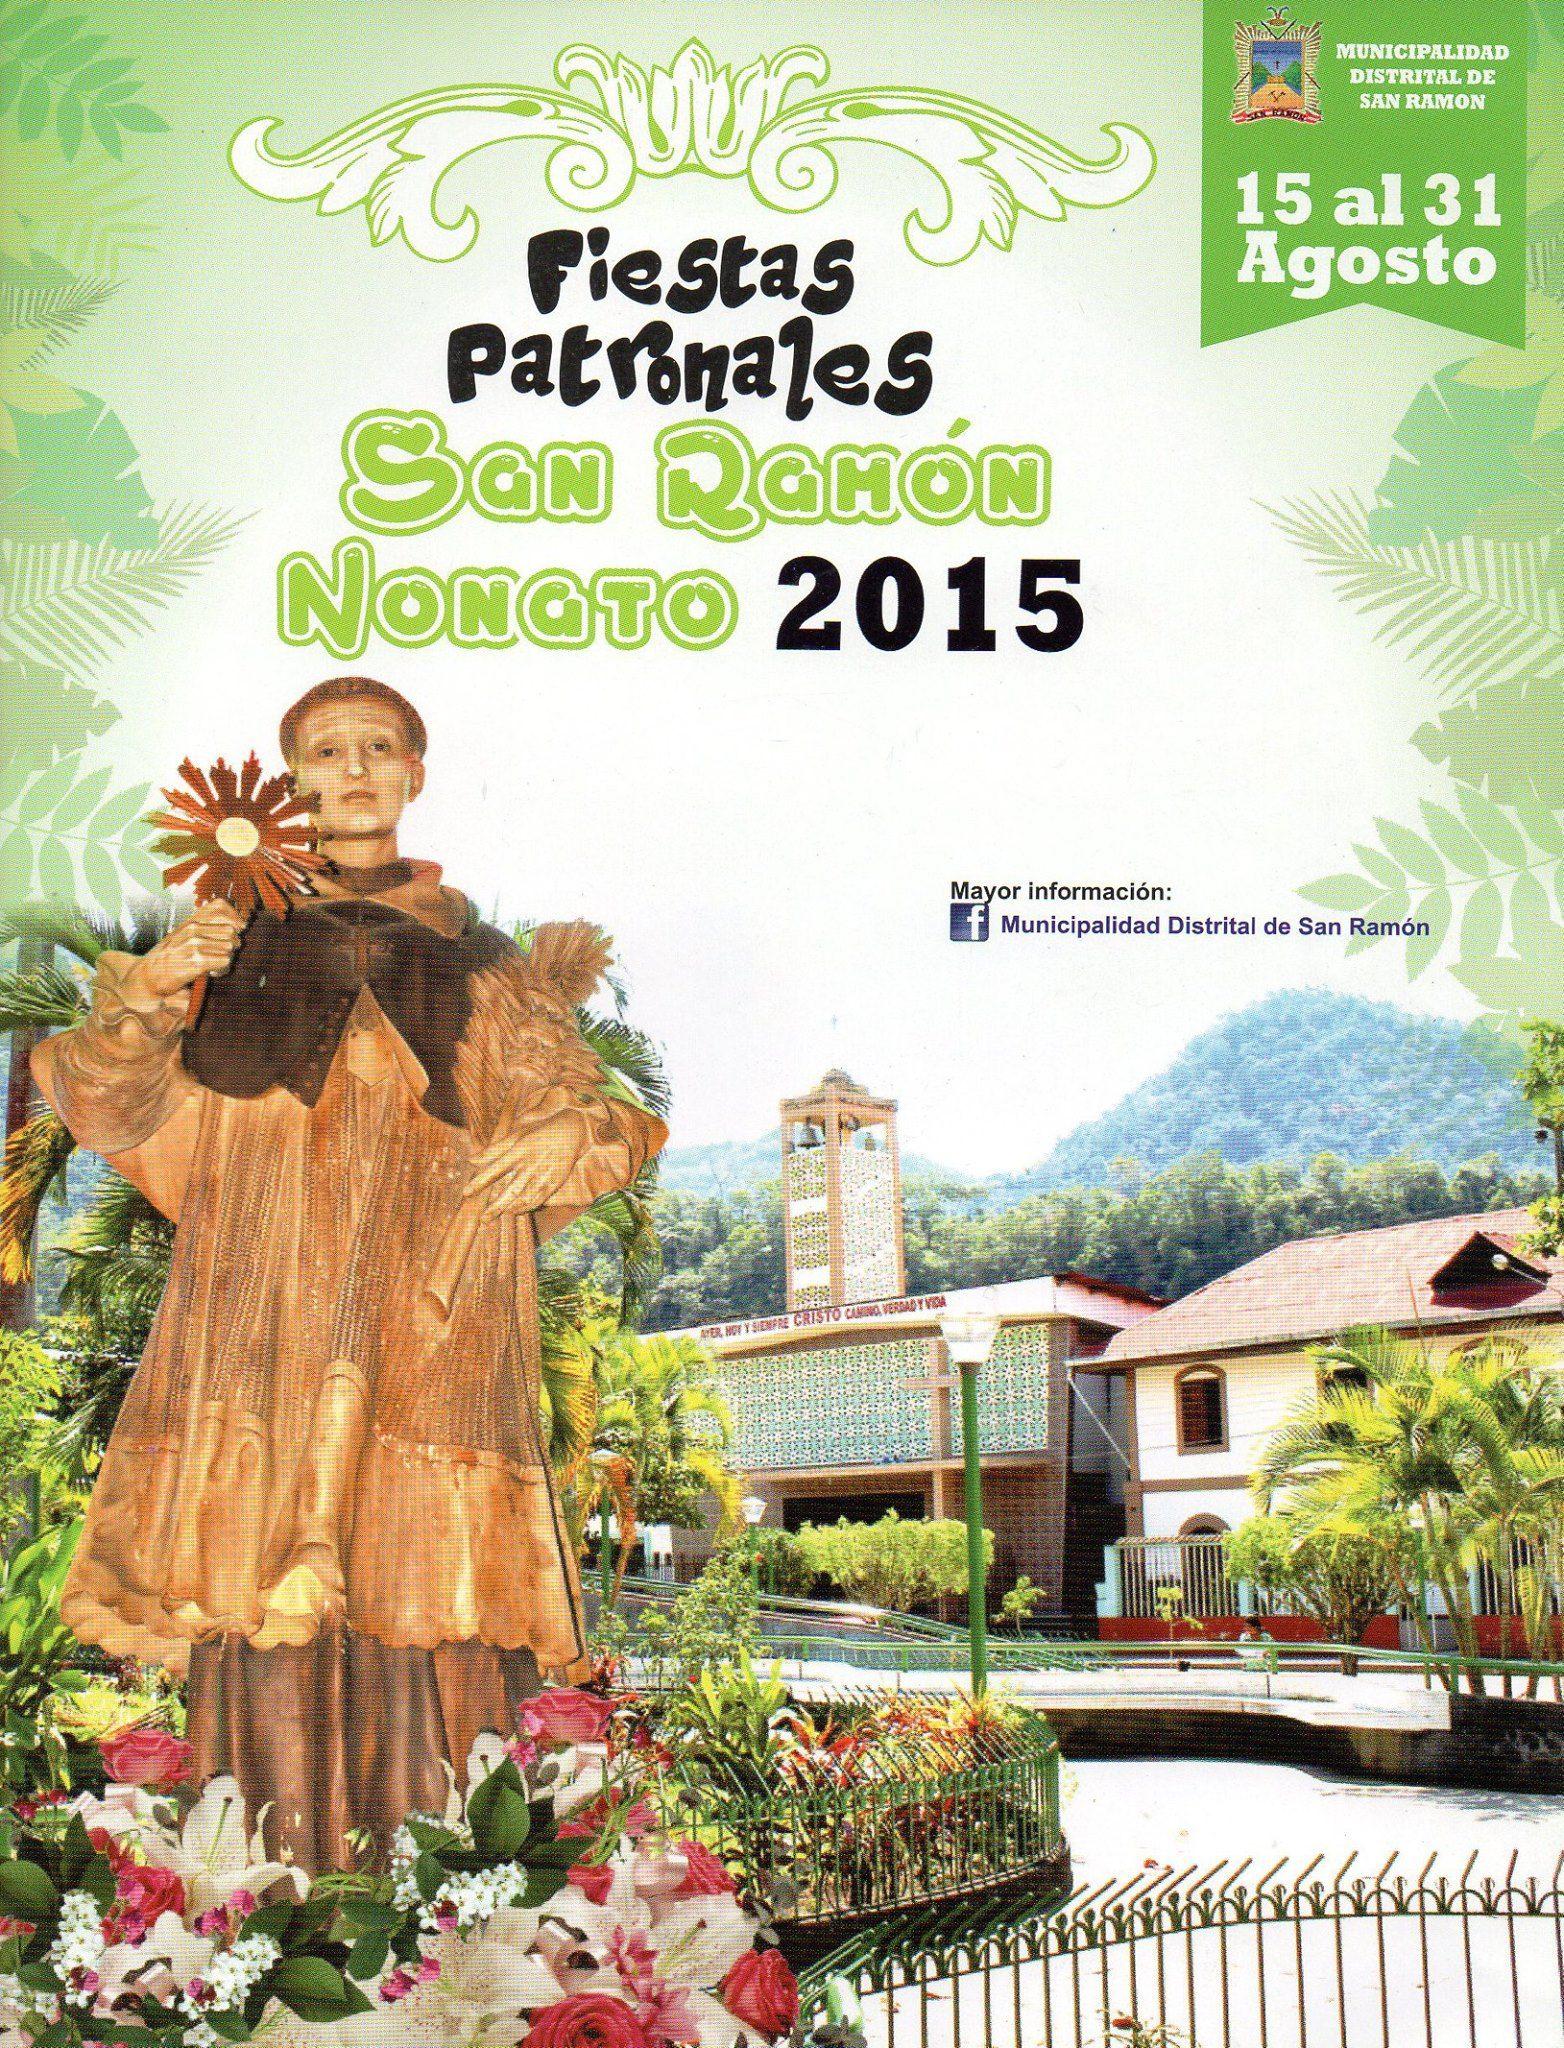 Fiestas patronales en San Ramón se celebra con procesiones, festivales y música